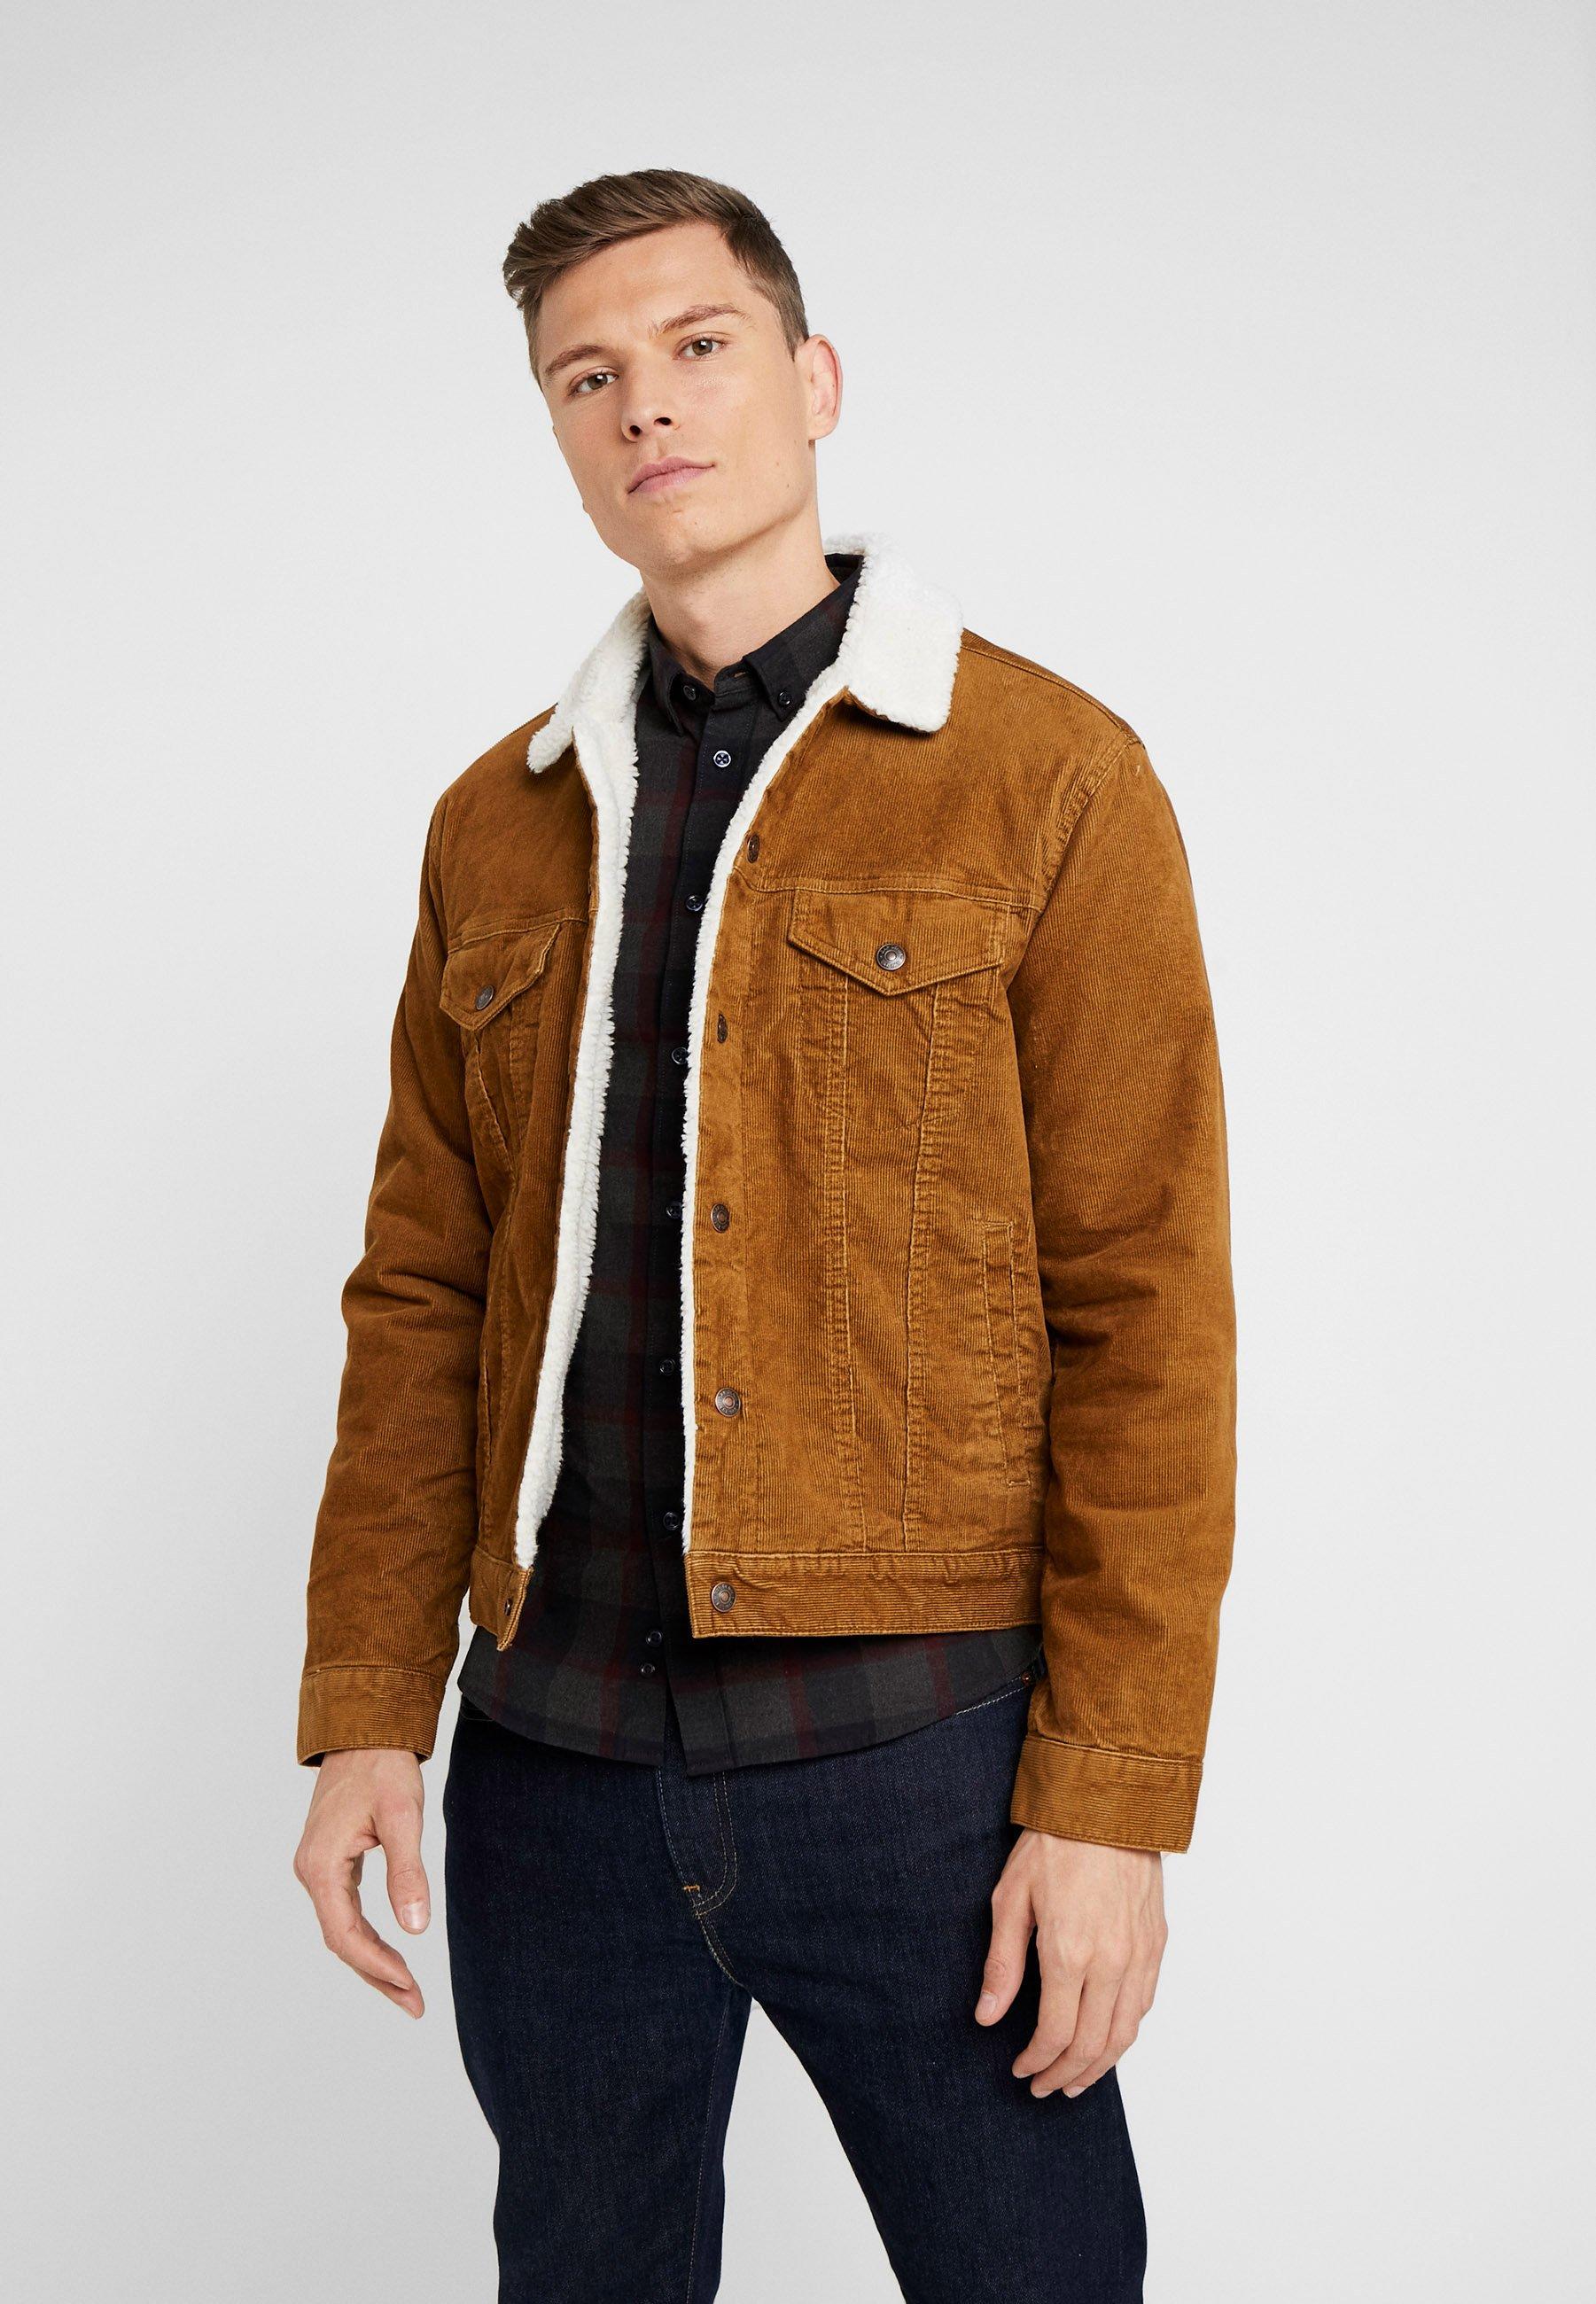 Brune Jakker | Herre | Nye jakker til herre på nett hos Zalando